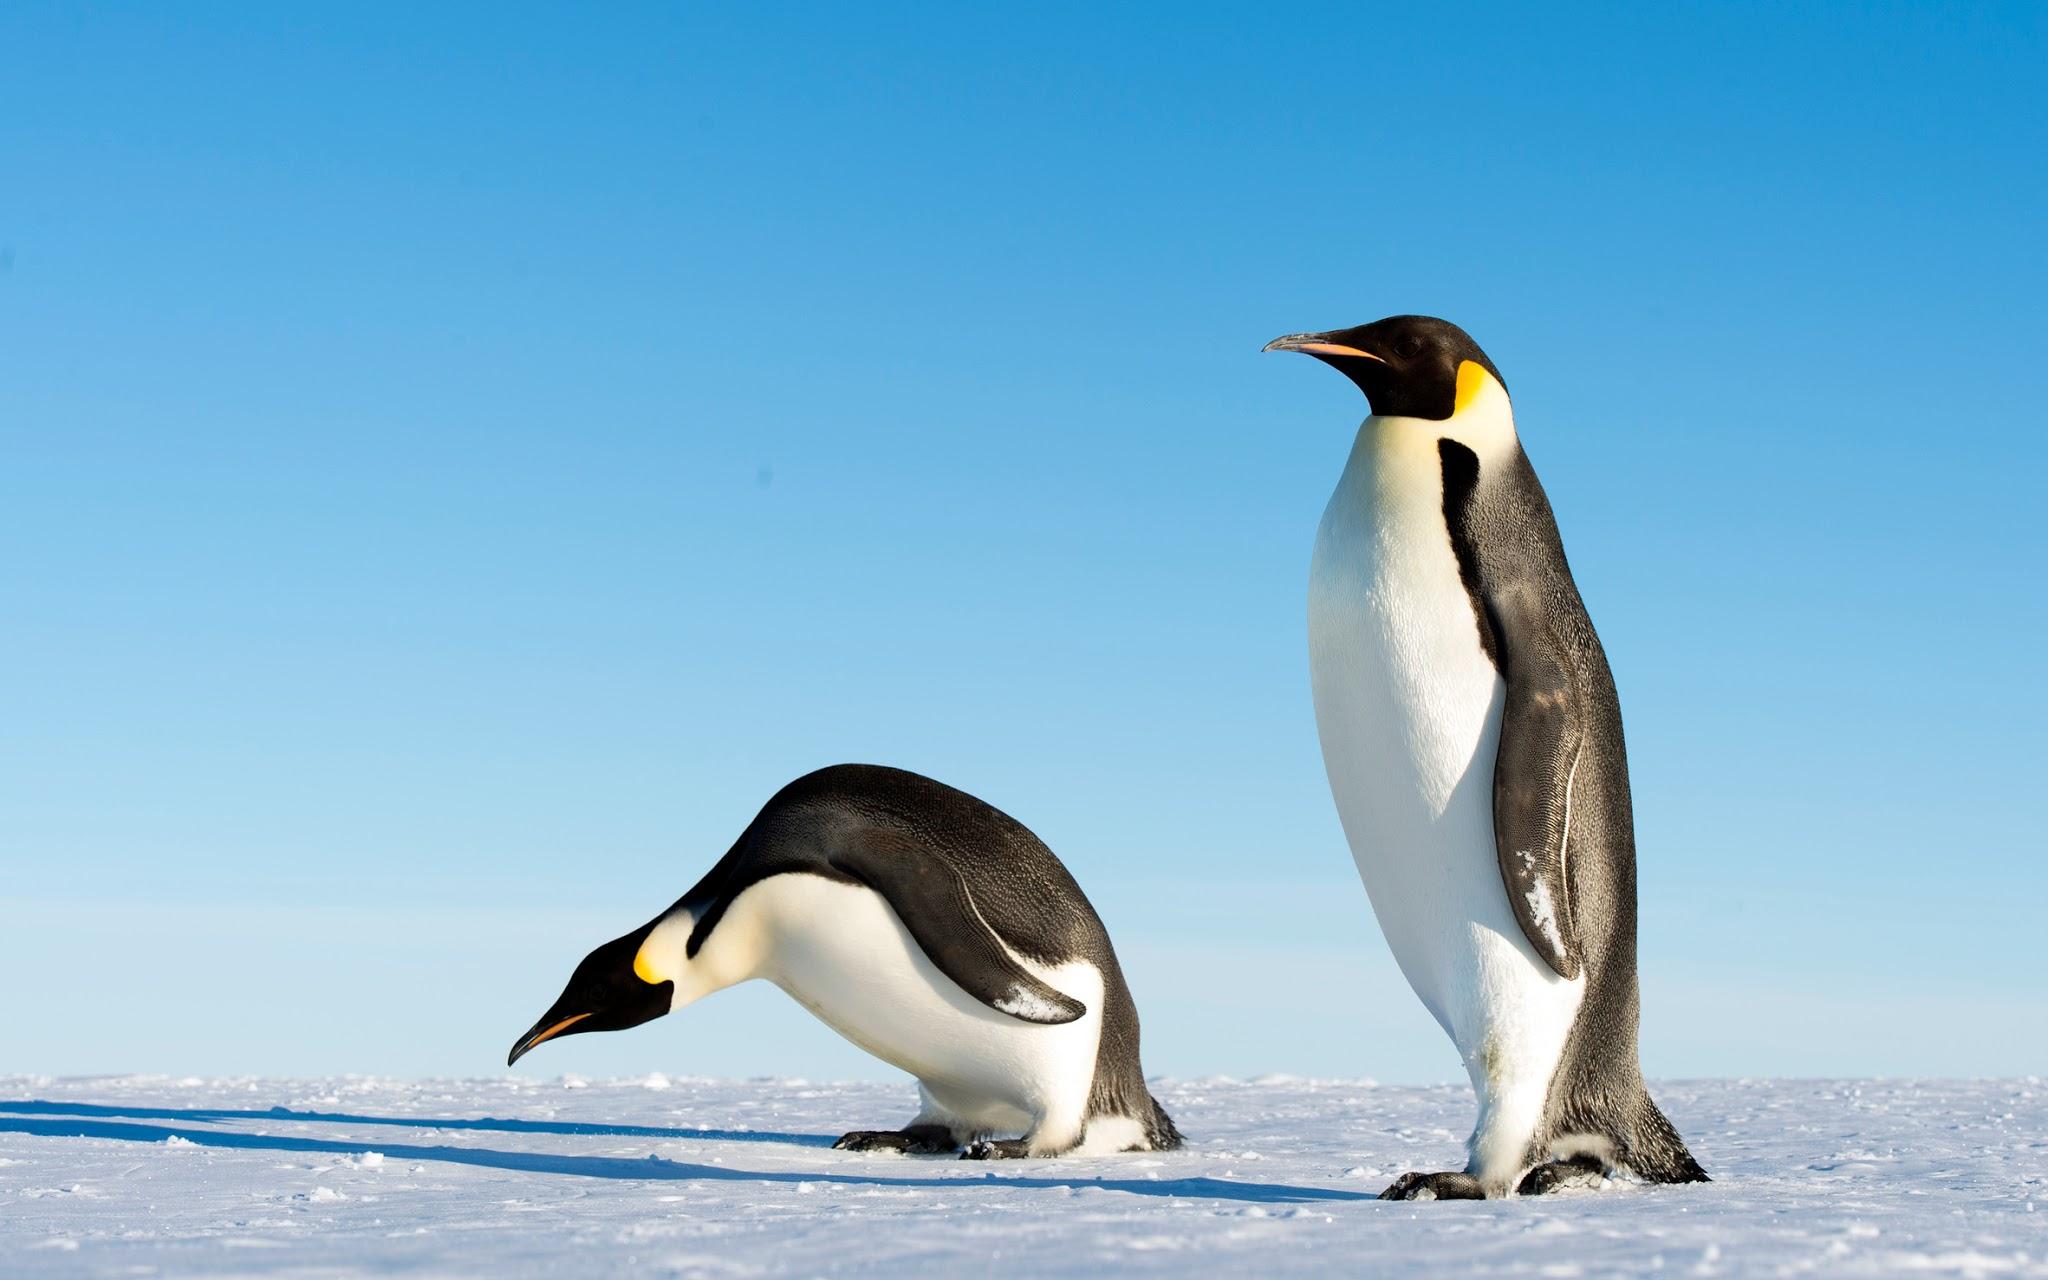 FileEmperor Penguins 11240321653